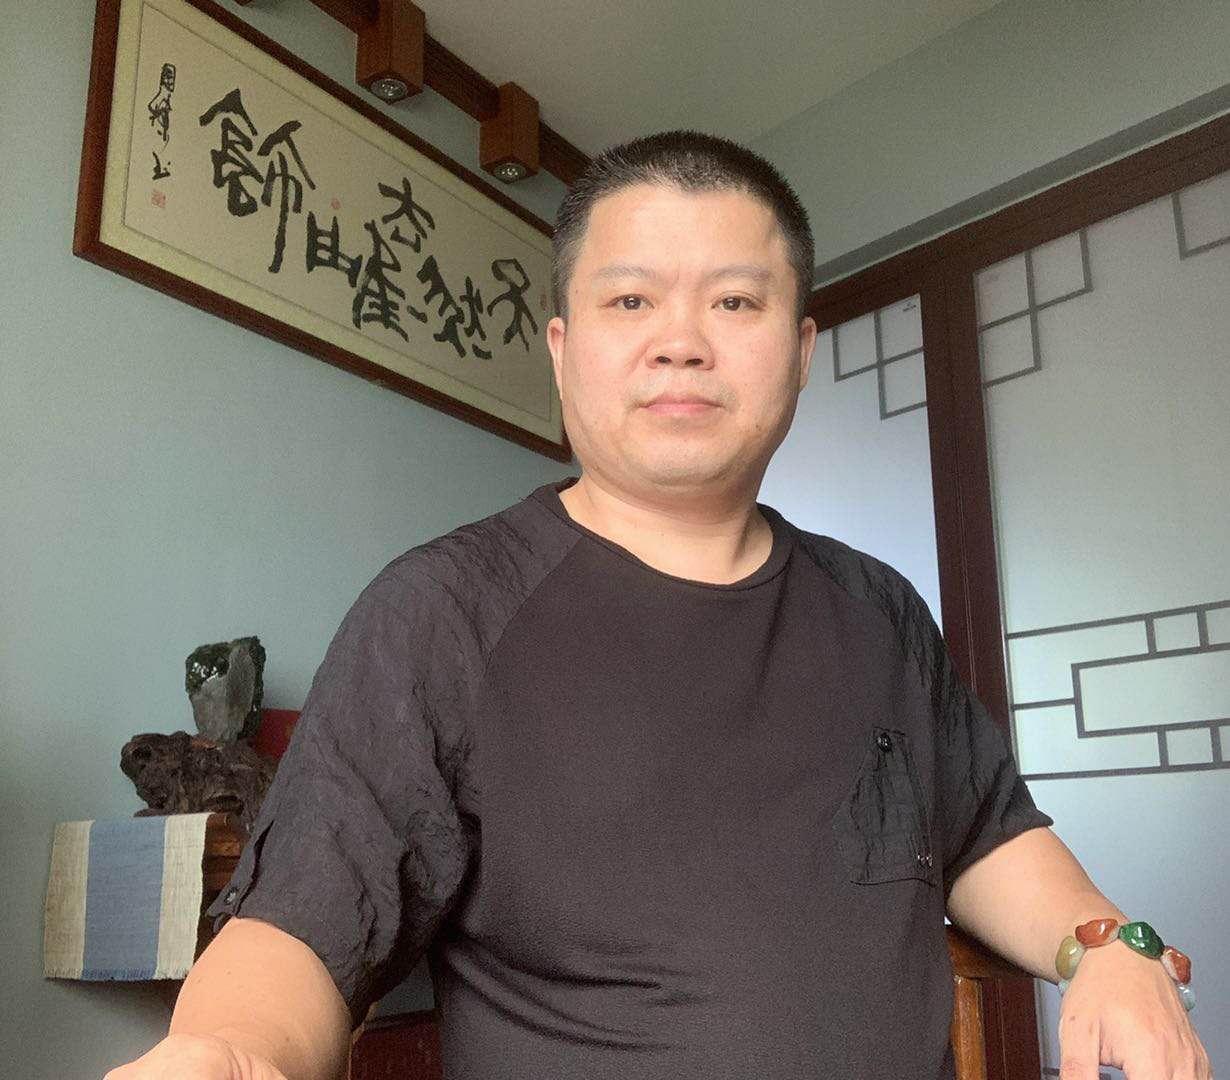 玉中有天地,俯拾皆有趣-记玉雕艺术家林俊禹